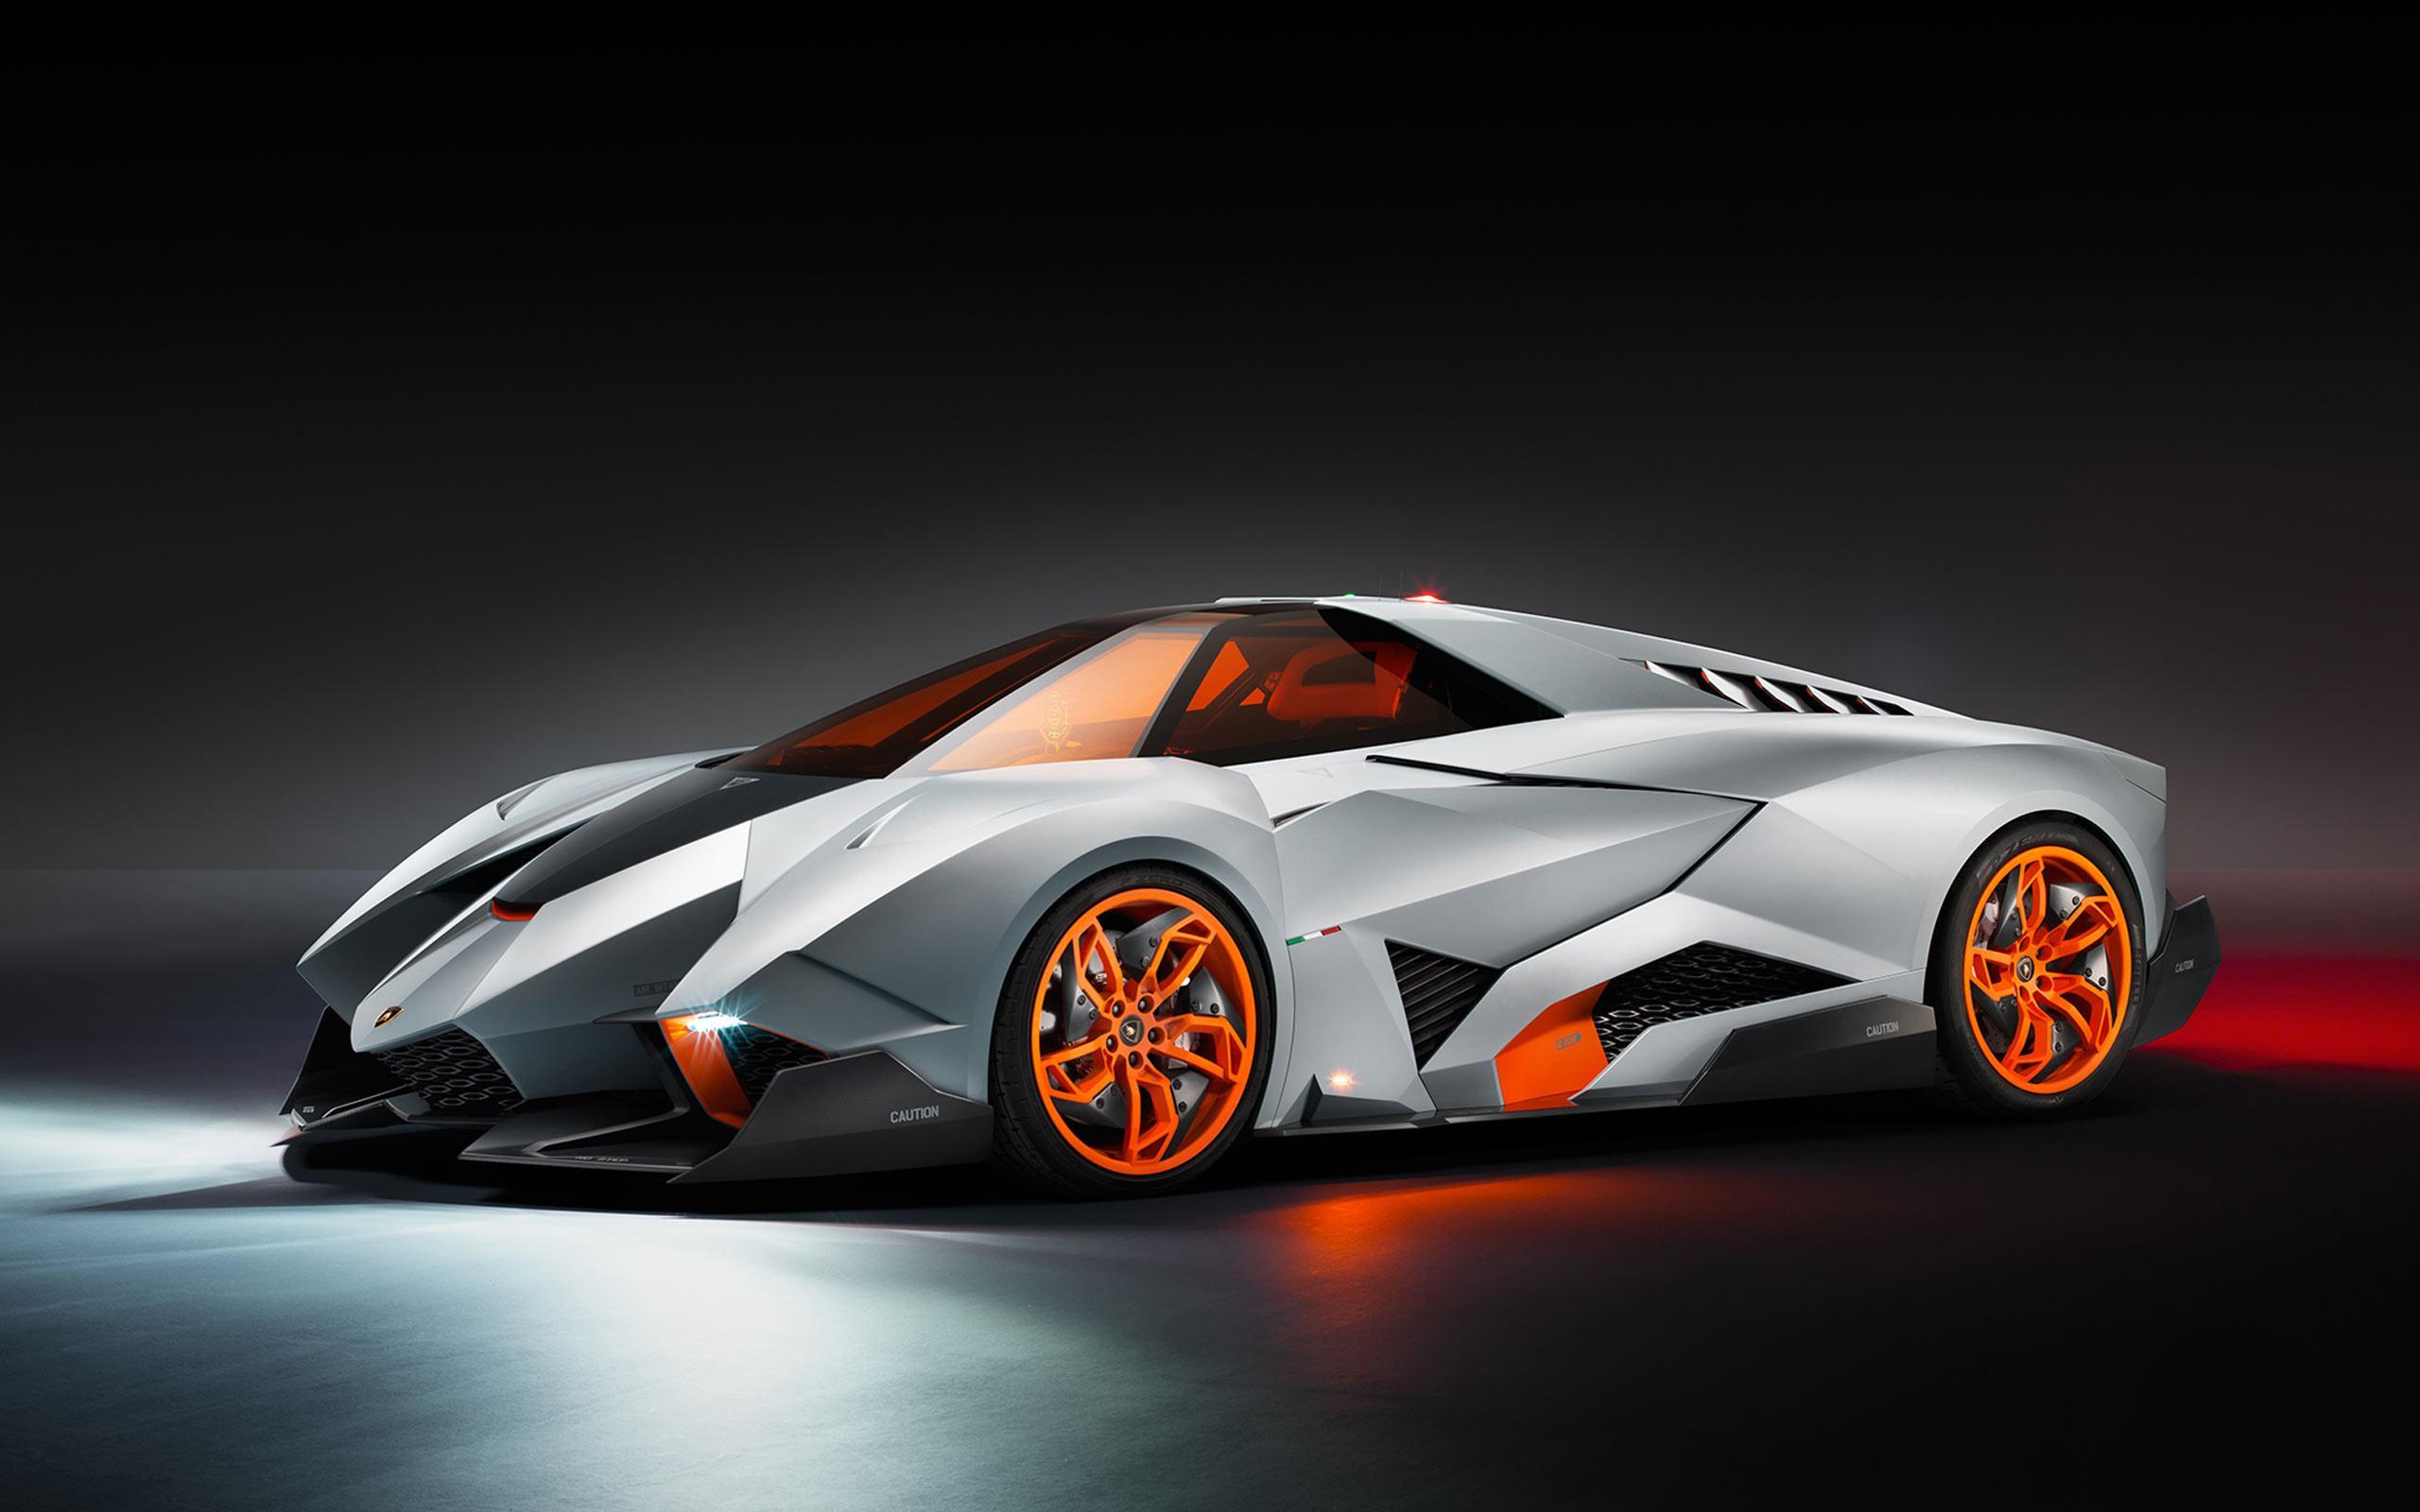 cool cars wallpapers 3d walljpegcom 2560x1600